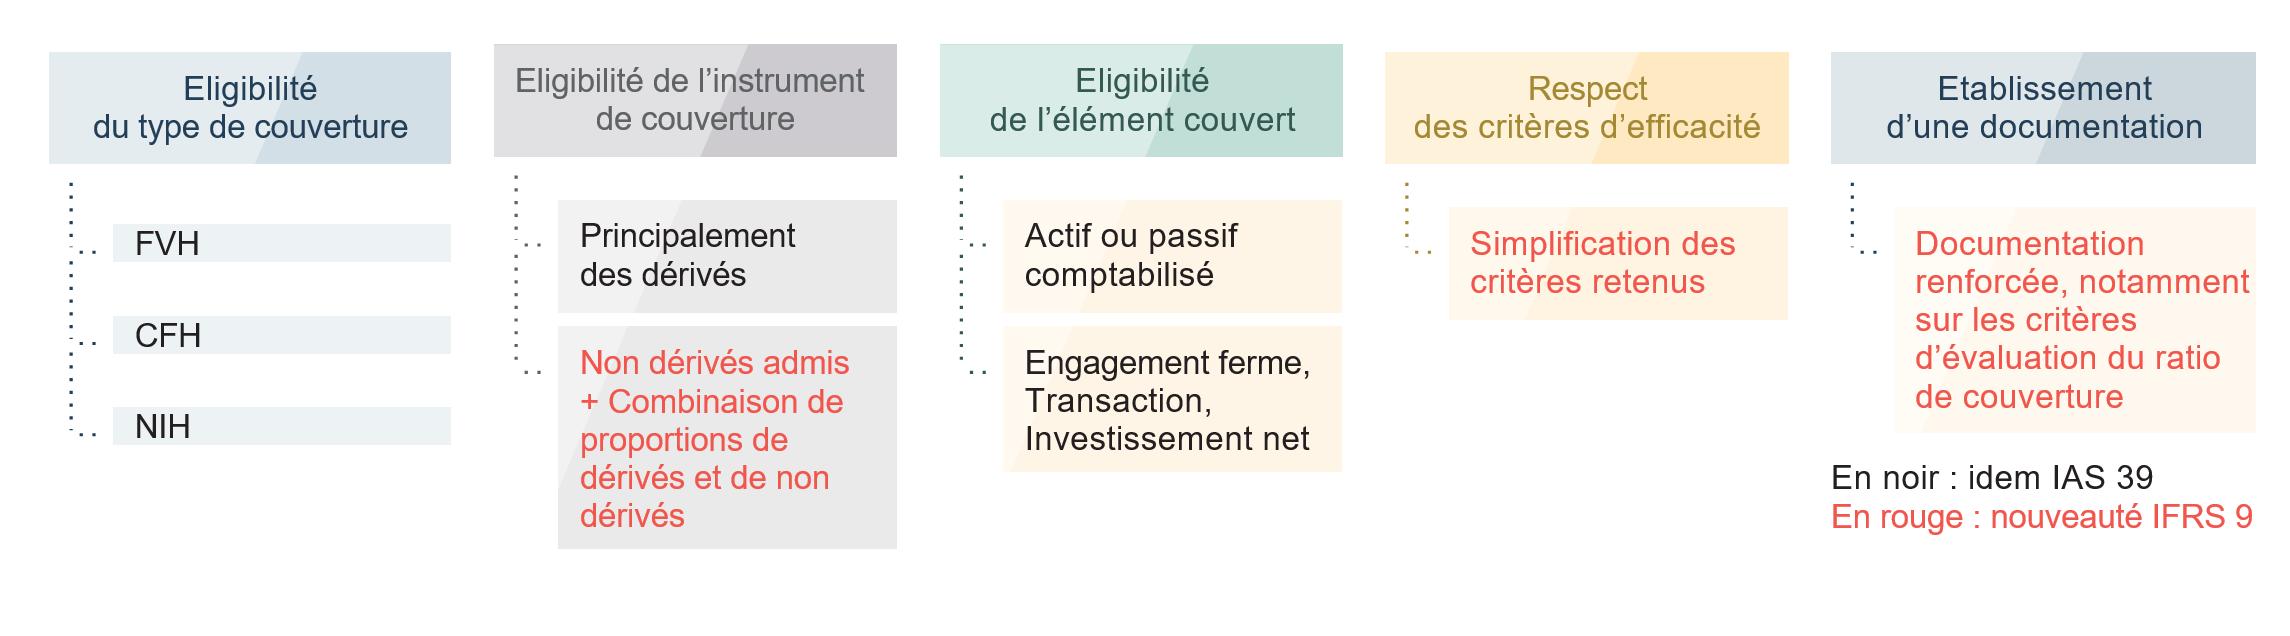 IFRS 9 - Règles de comptabilité de couverture